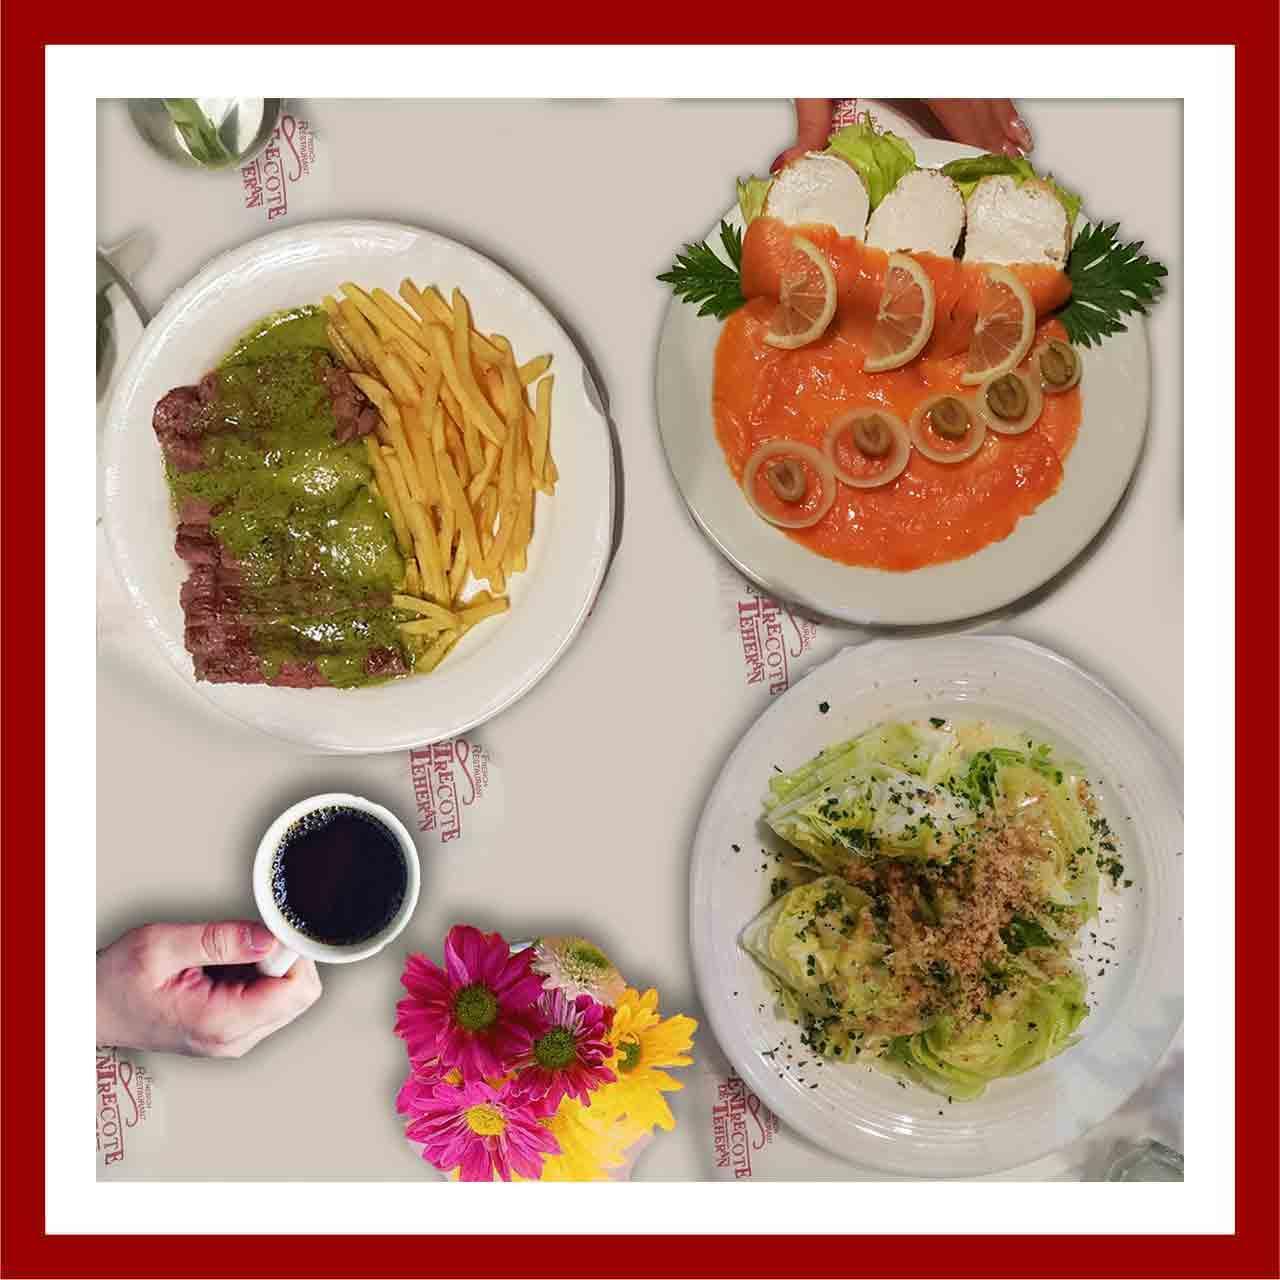 میز غذای رستوران آنتروکوت